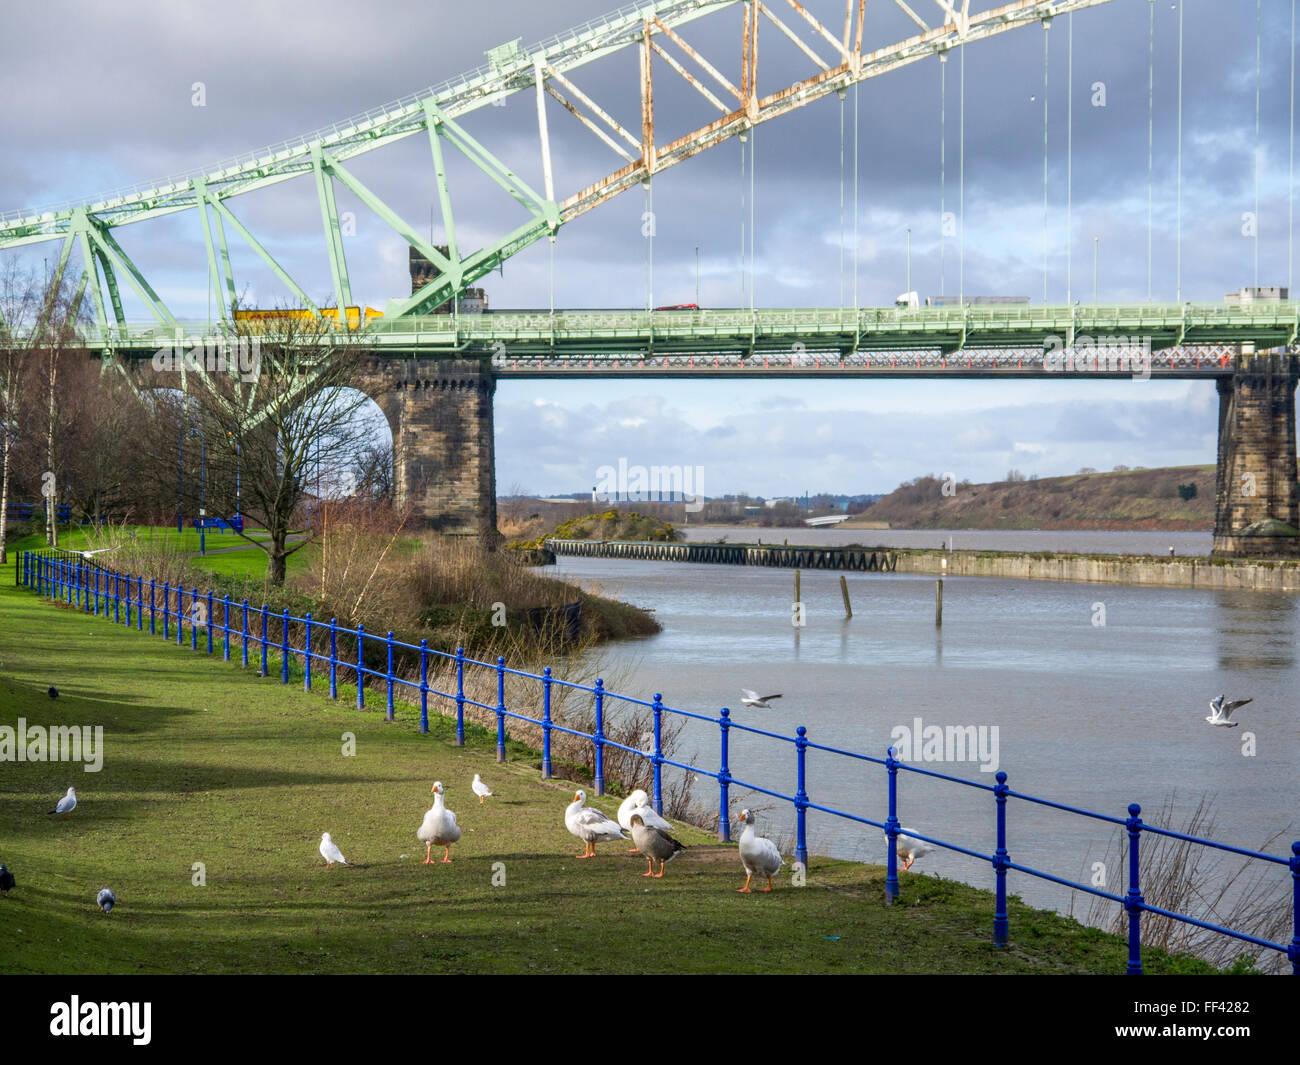 Runcorn side of the Runcorn Widnes Silver Jubilee Bridge. - Stock Image